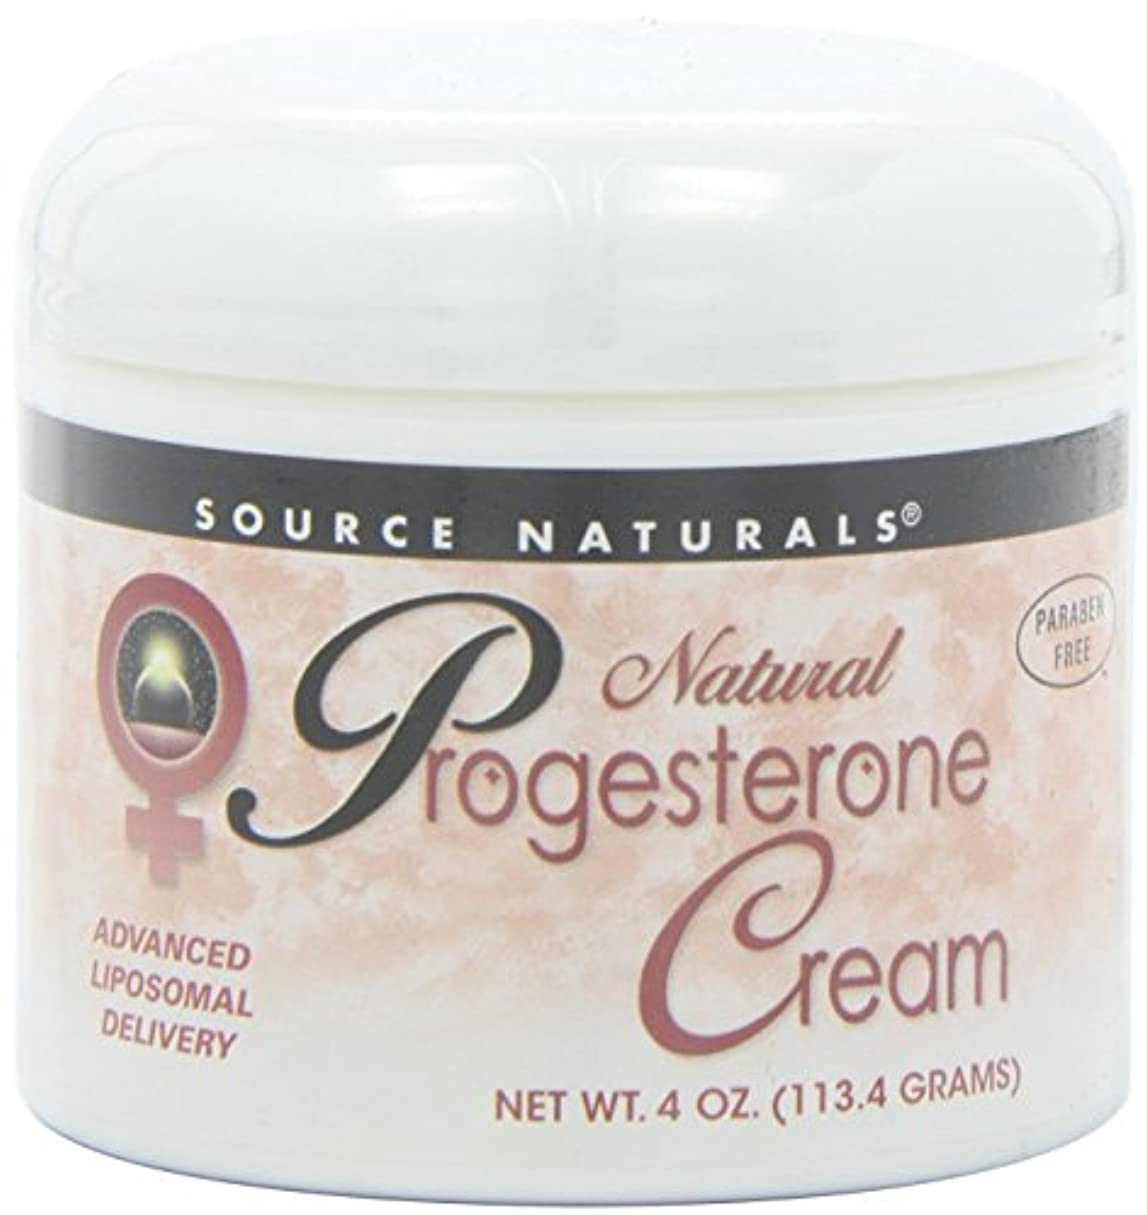 に沿ってに関して言い訳Source Naturals Natural Progesterone Cream, 4 Ounce (113.4 g) クリーム 並行輸入品 [並行輸入品]